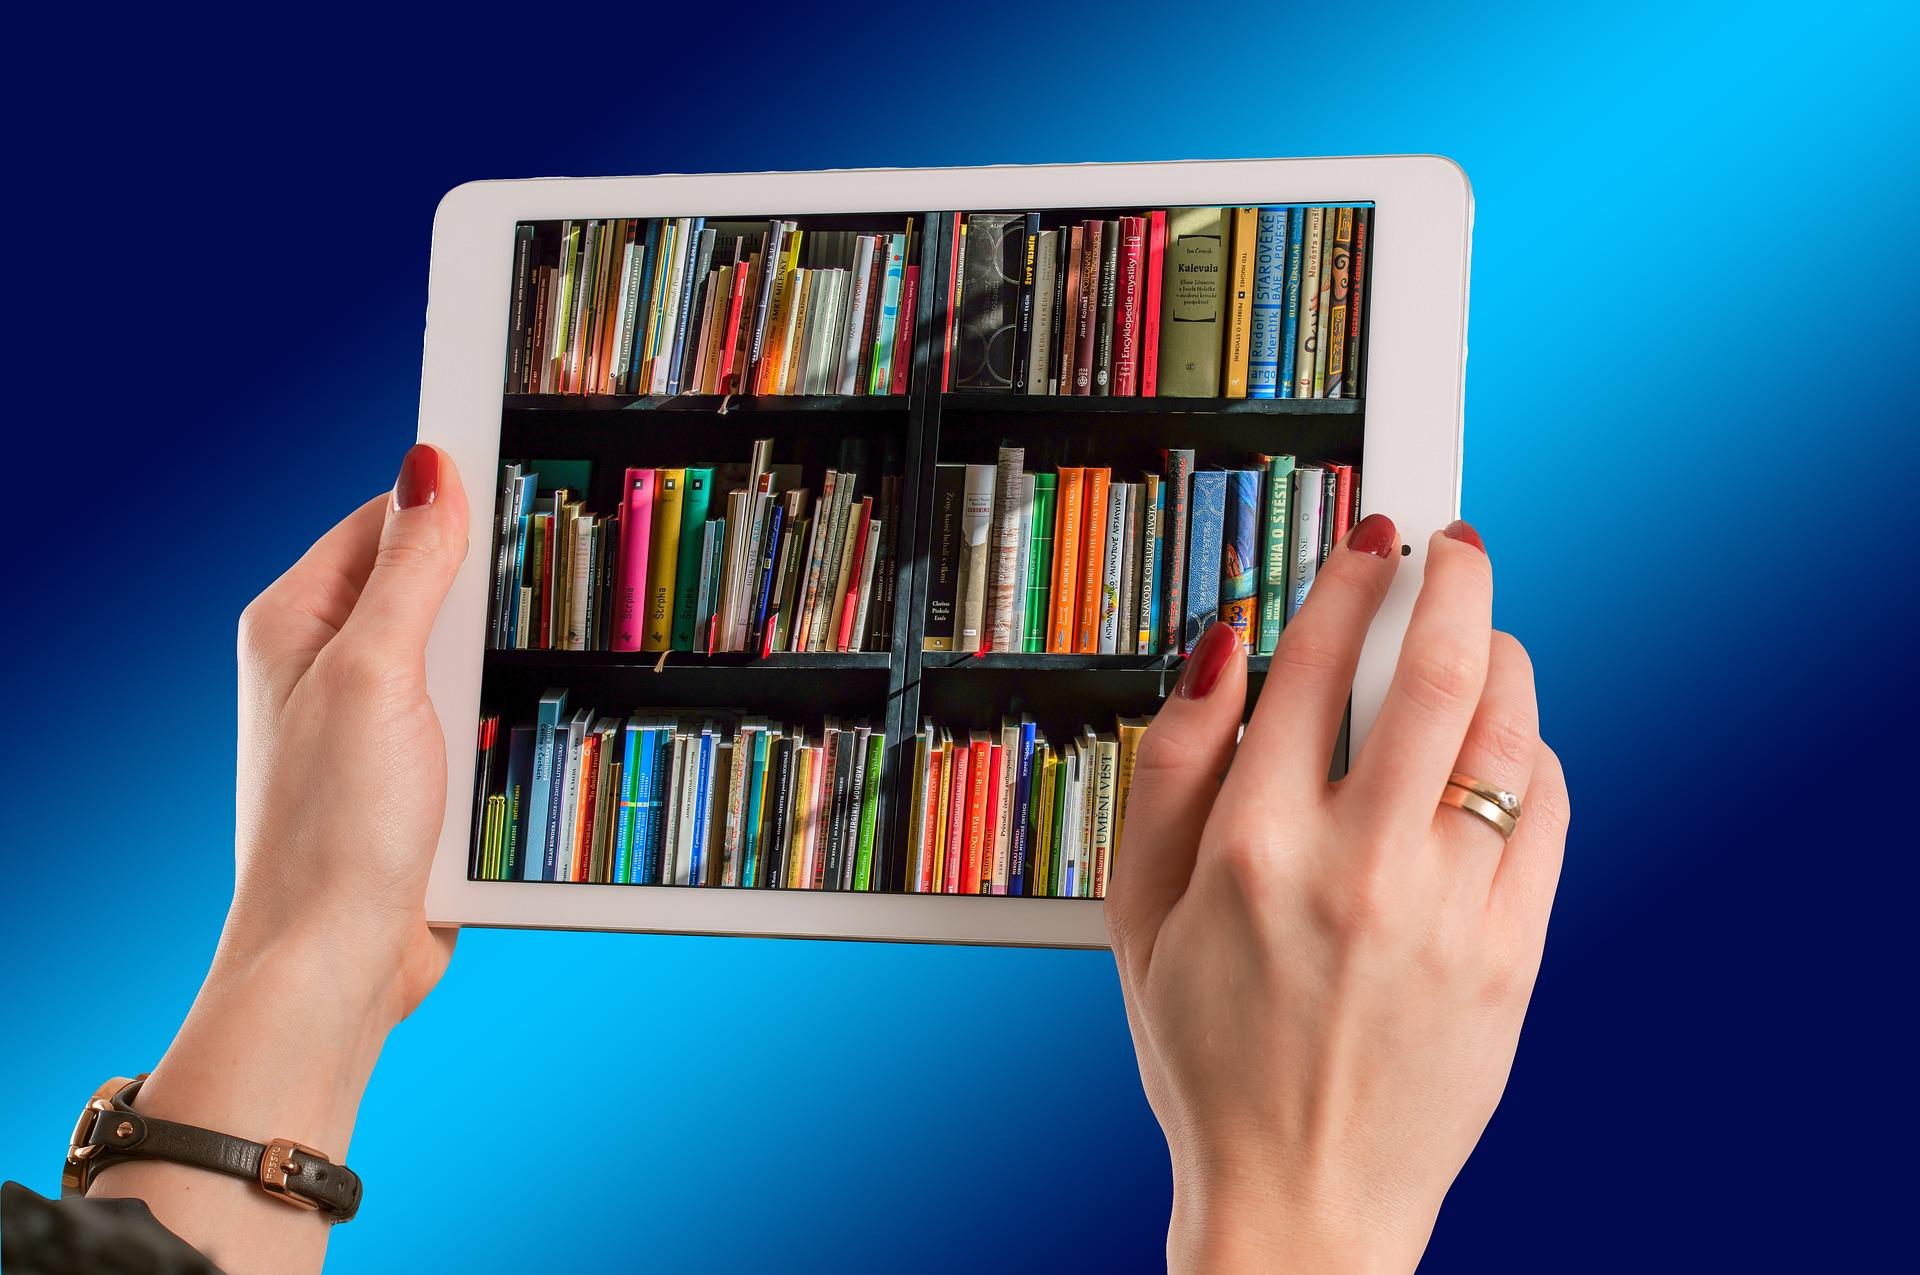 tablet-1632908_1920.jpg